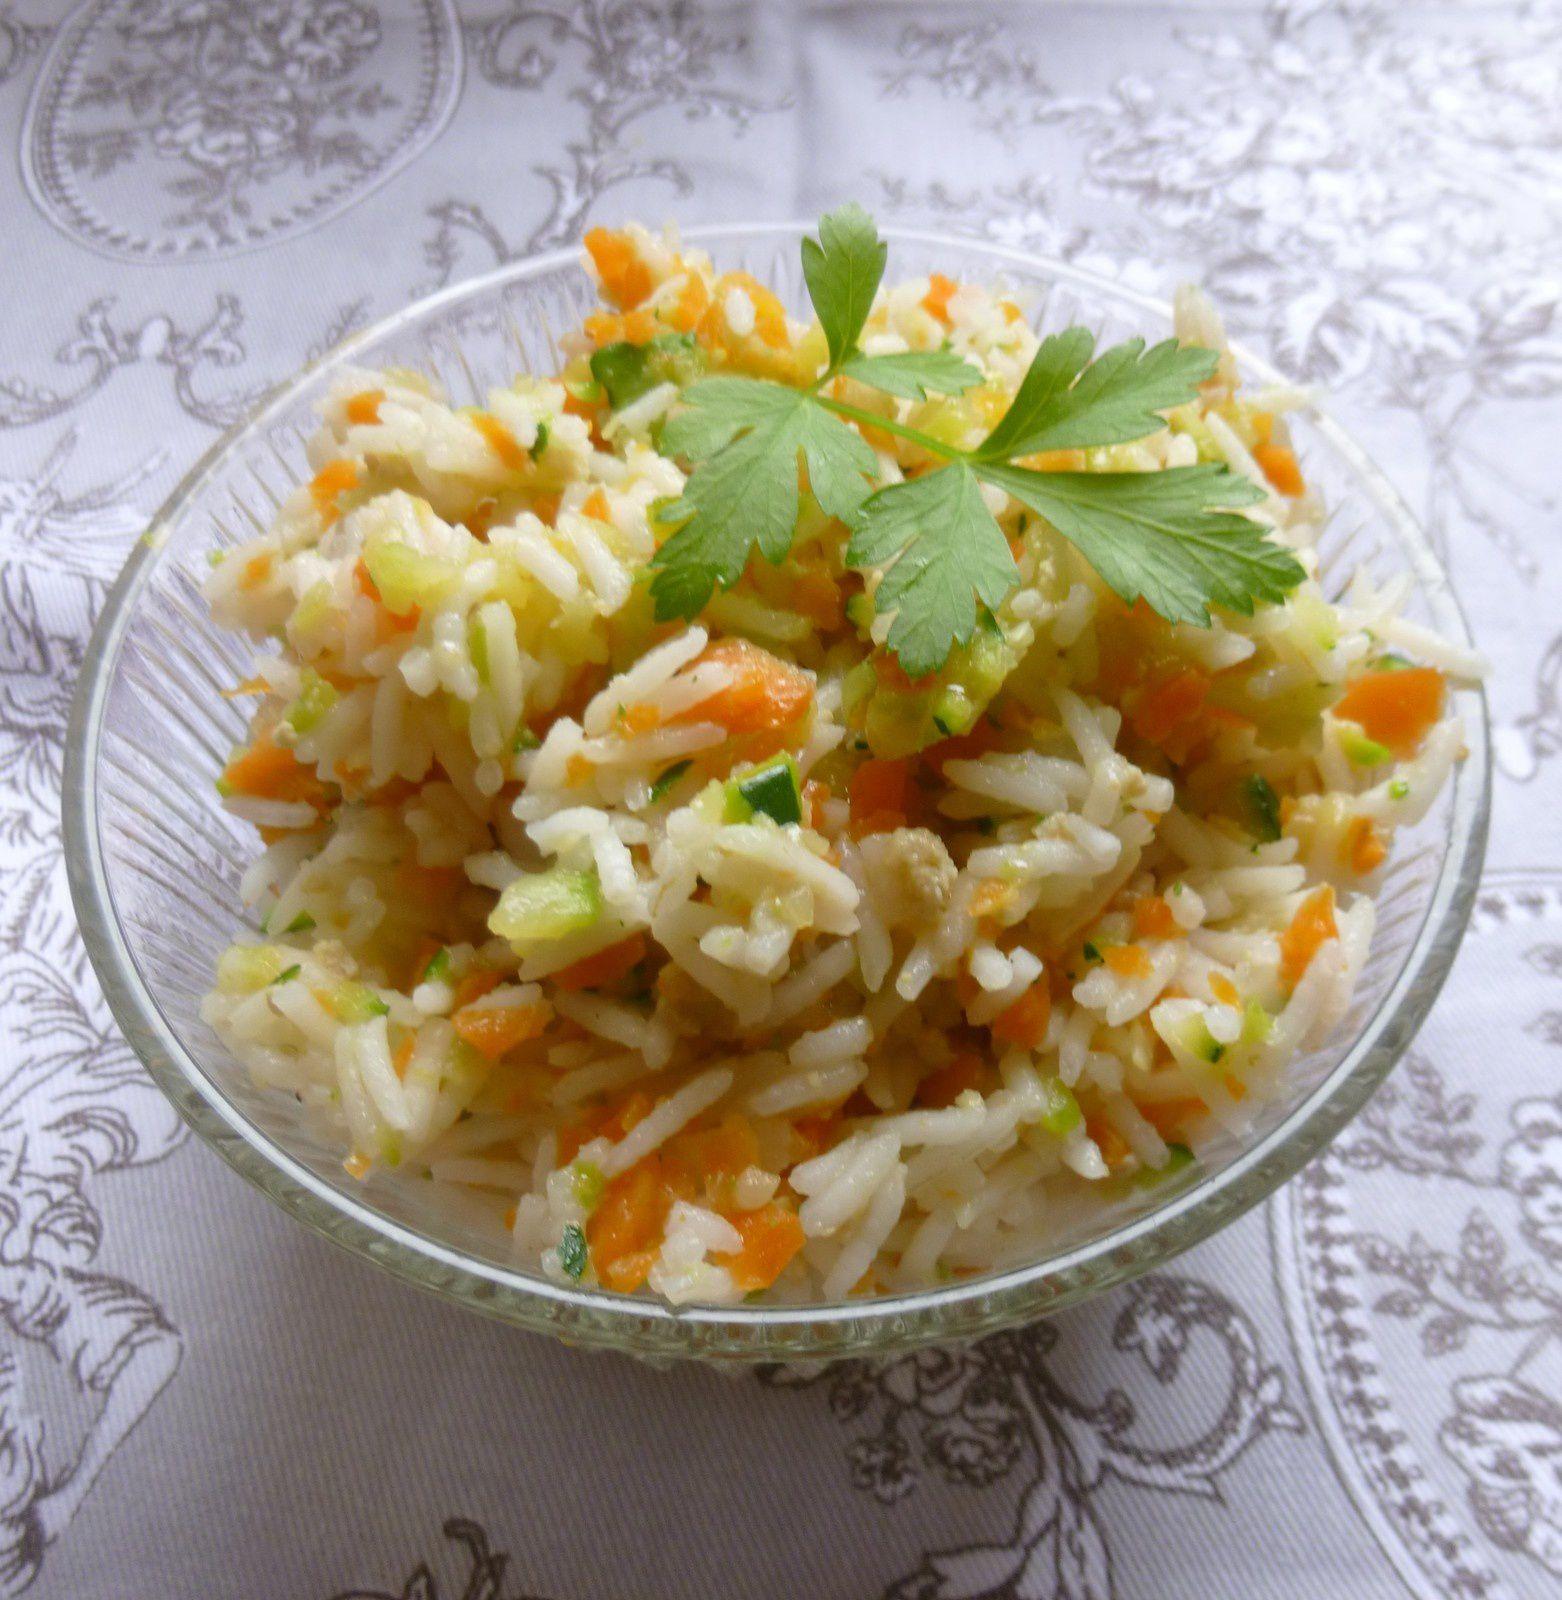 riz aux légumes vite fait!